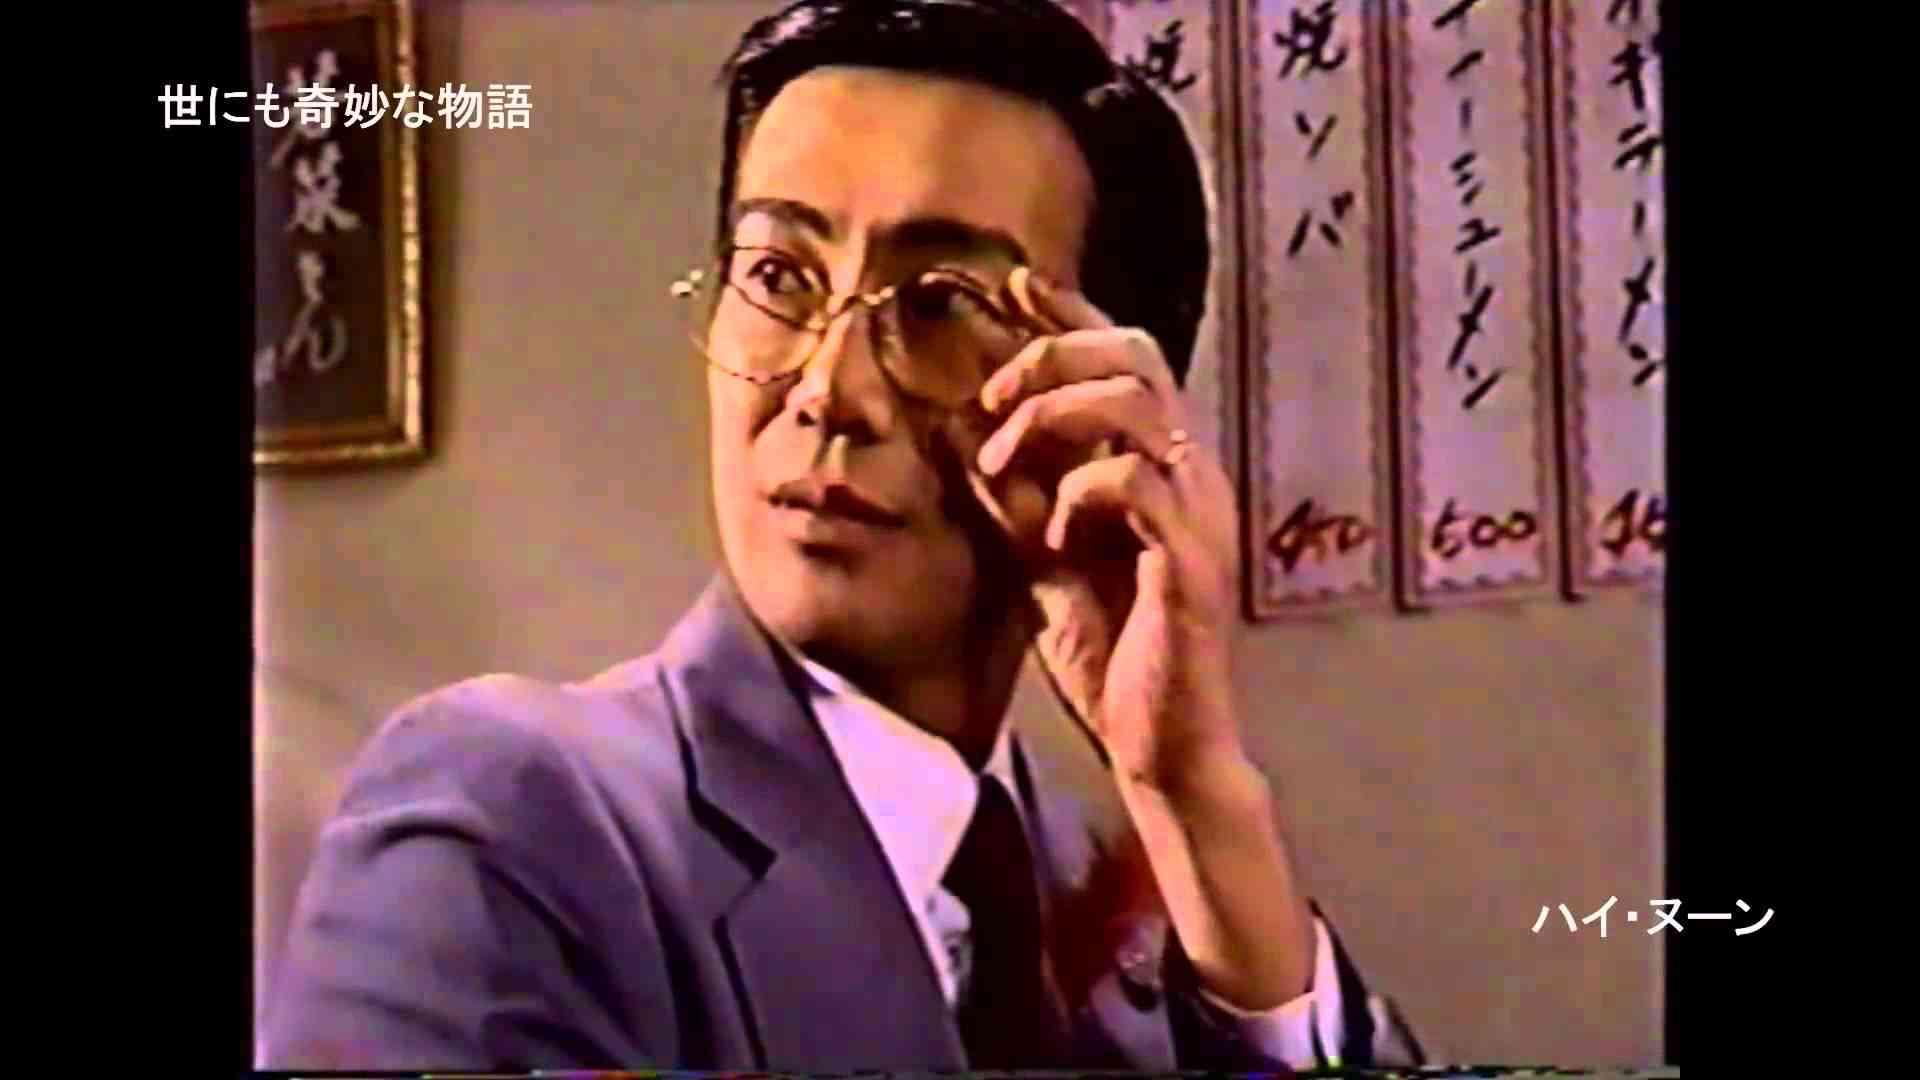 世にも奇妙な物語 ハイ・ヌーン 玉置浩二 - YouTube